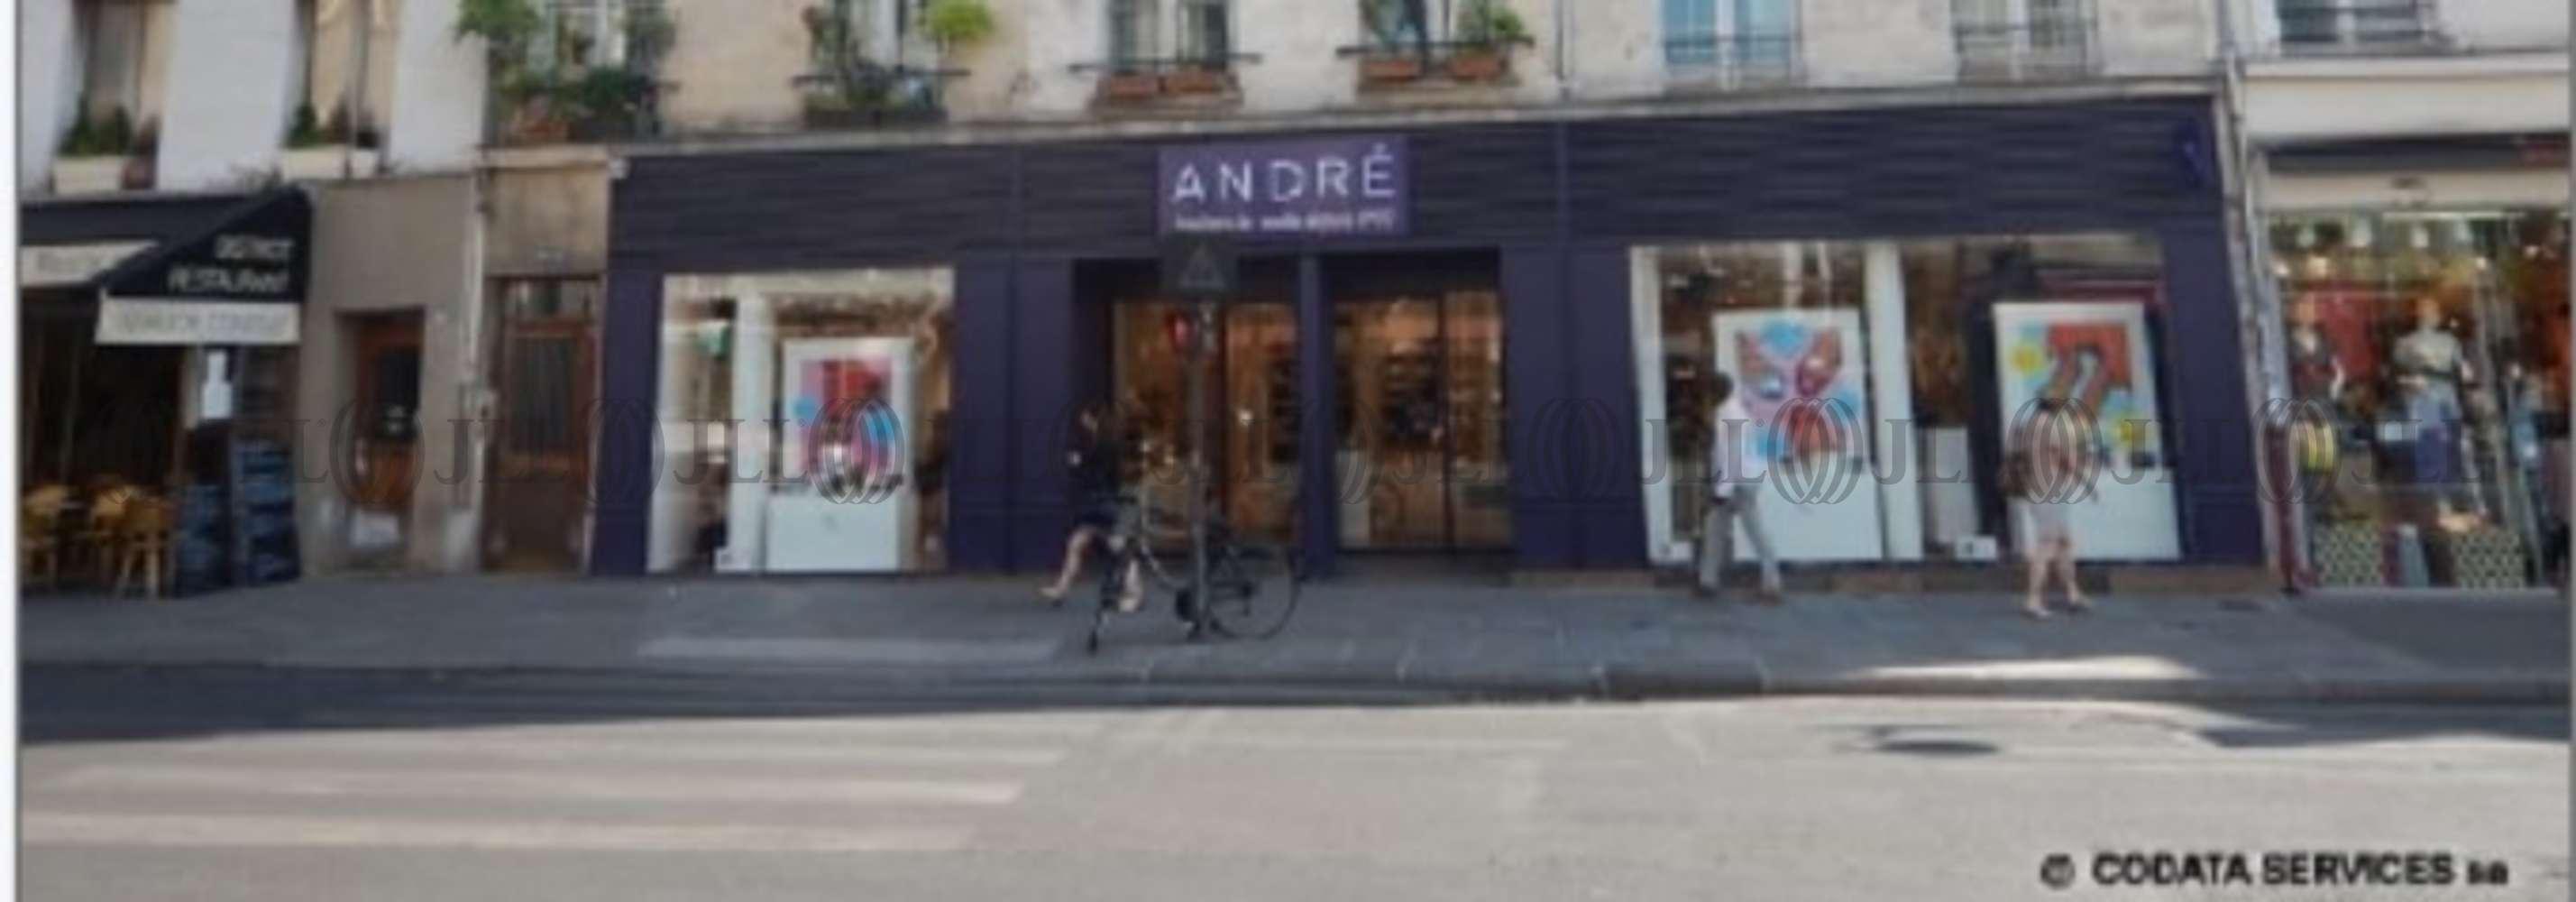 Commerces Paris, 75004 - ANDRE